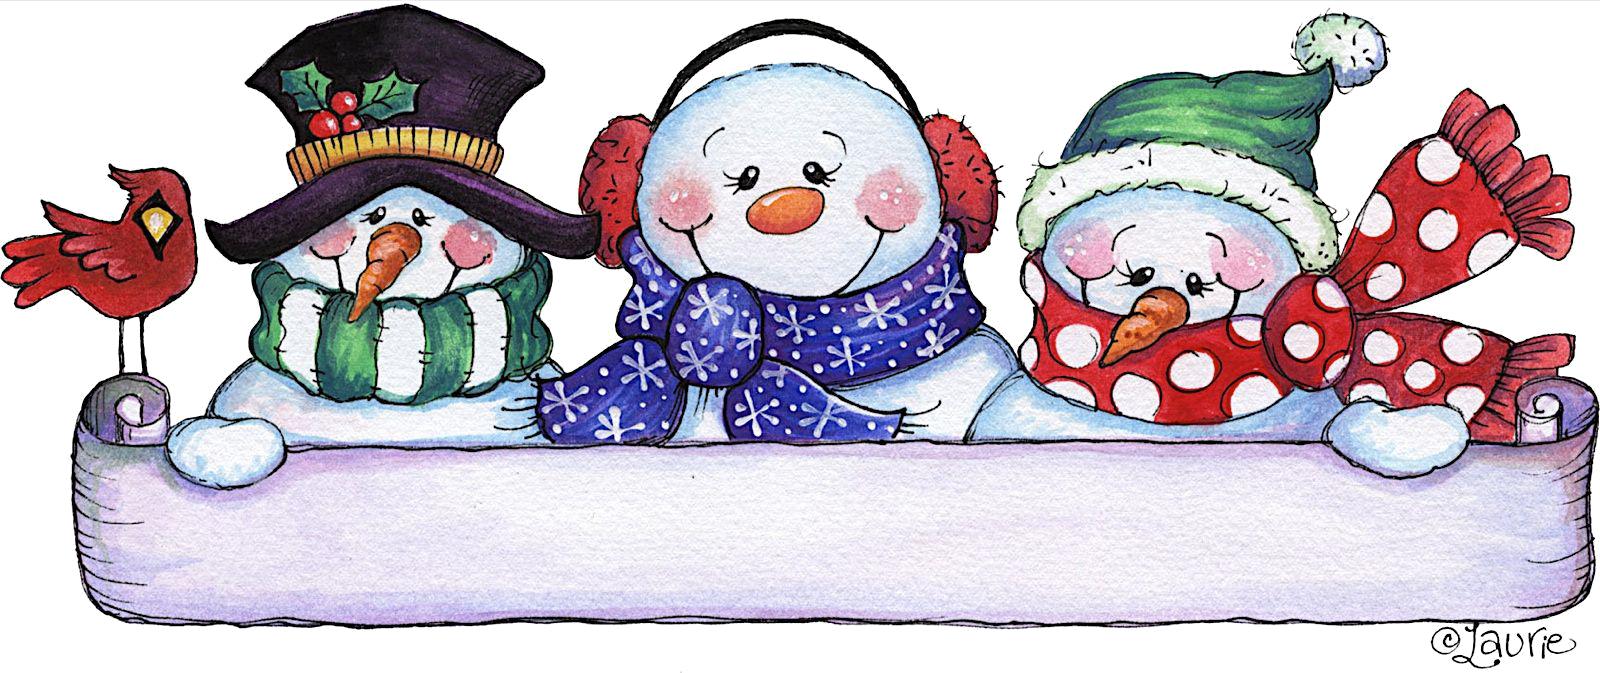 Muñecos de Nieve G82w